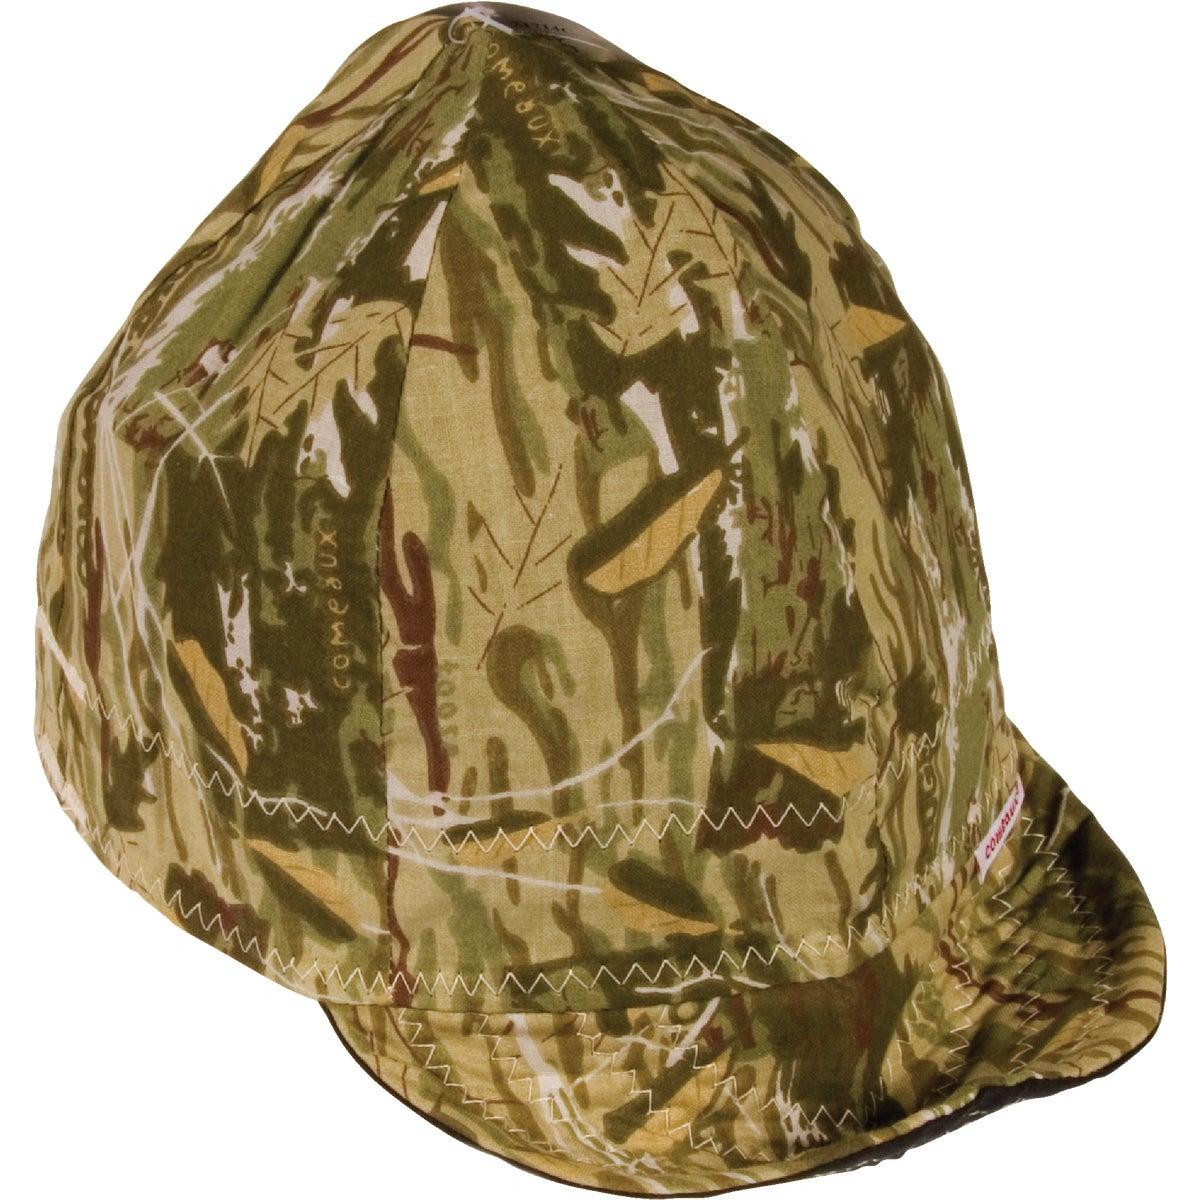 SZ 7-1/4 WELDING CAP